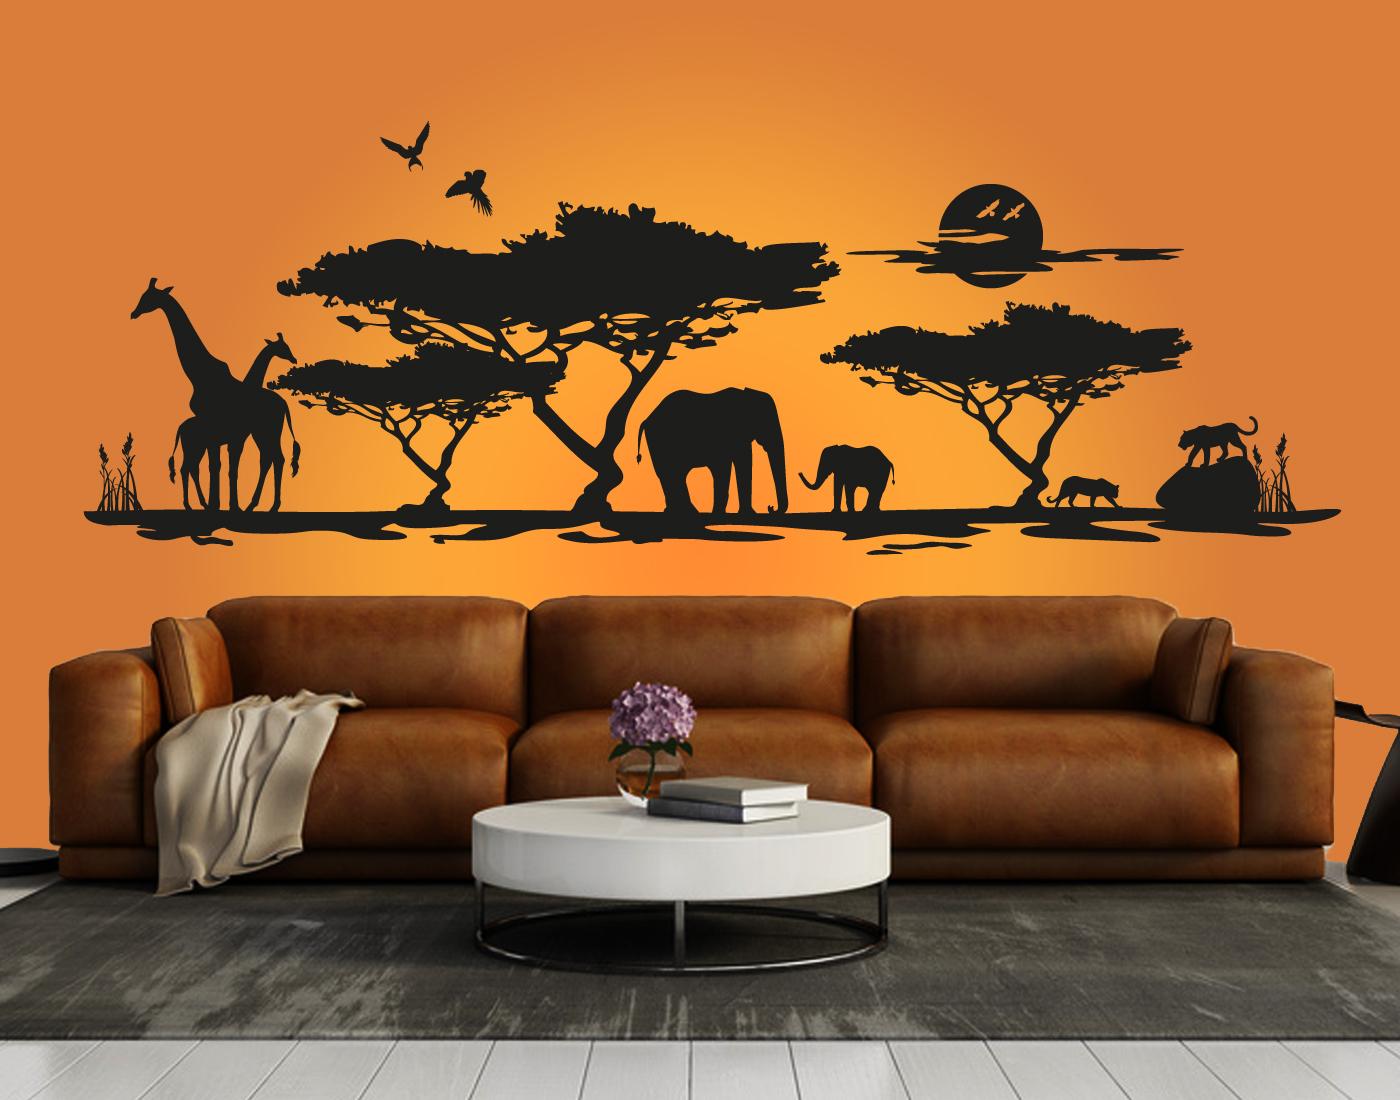 Schlafzimmer wandtattoos doarts - Schlafzimmer afrika ...